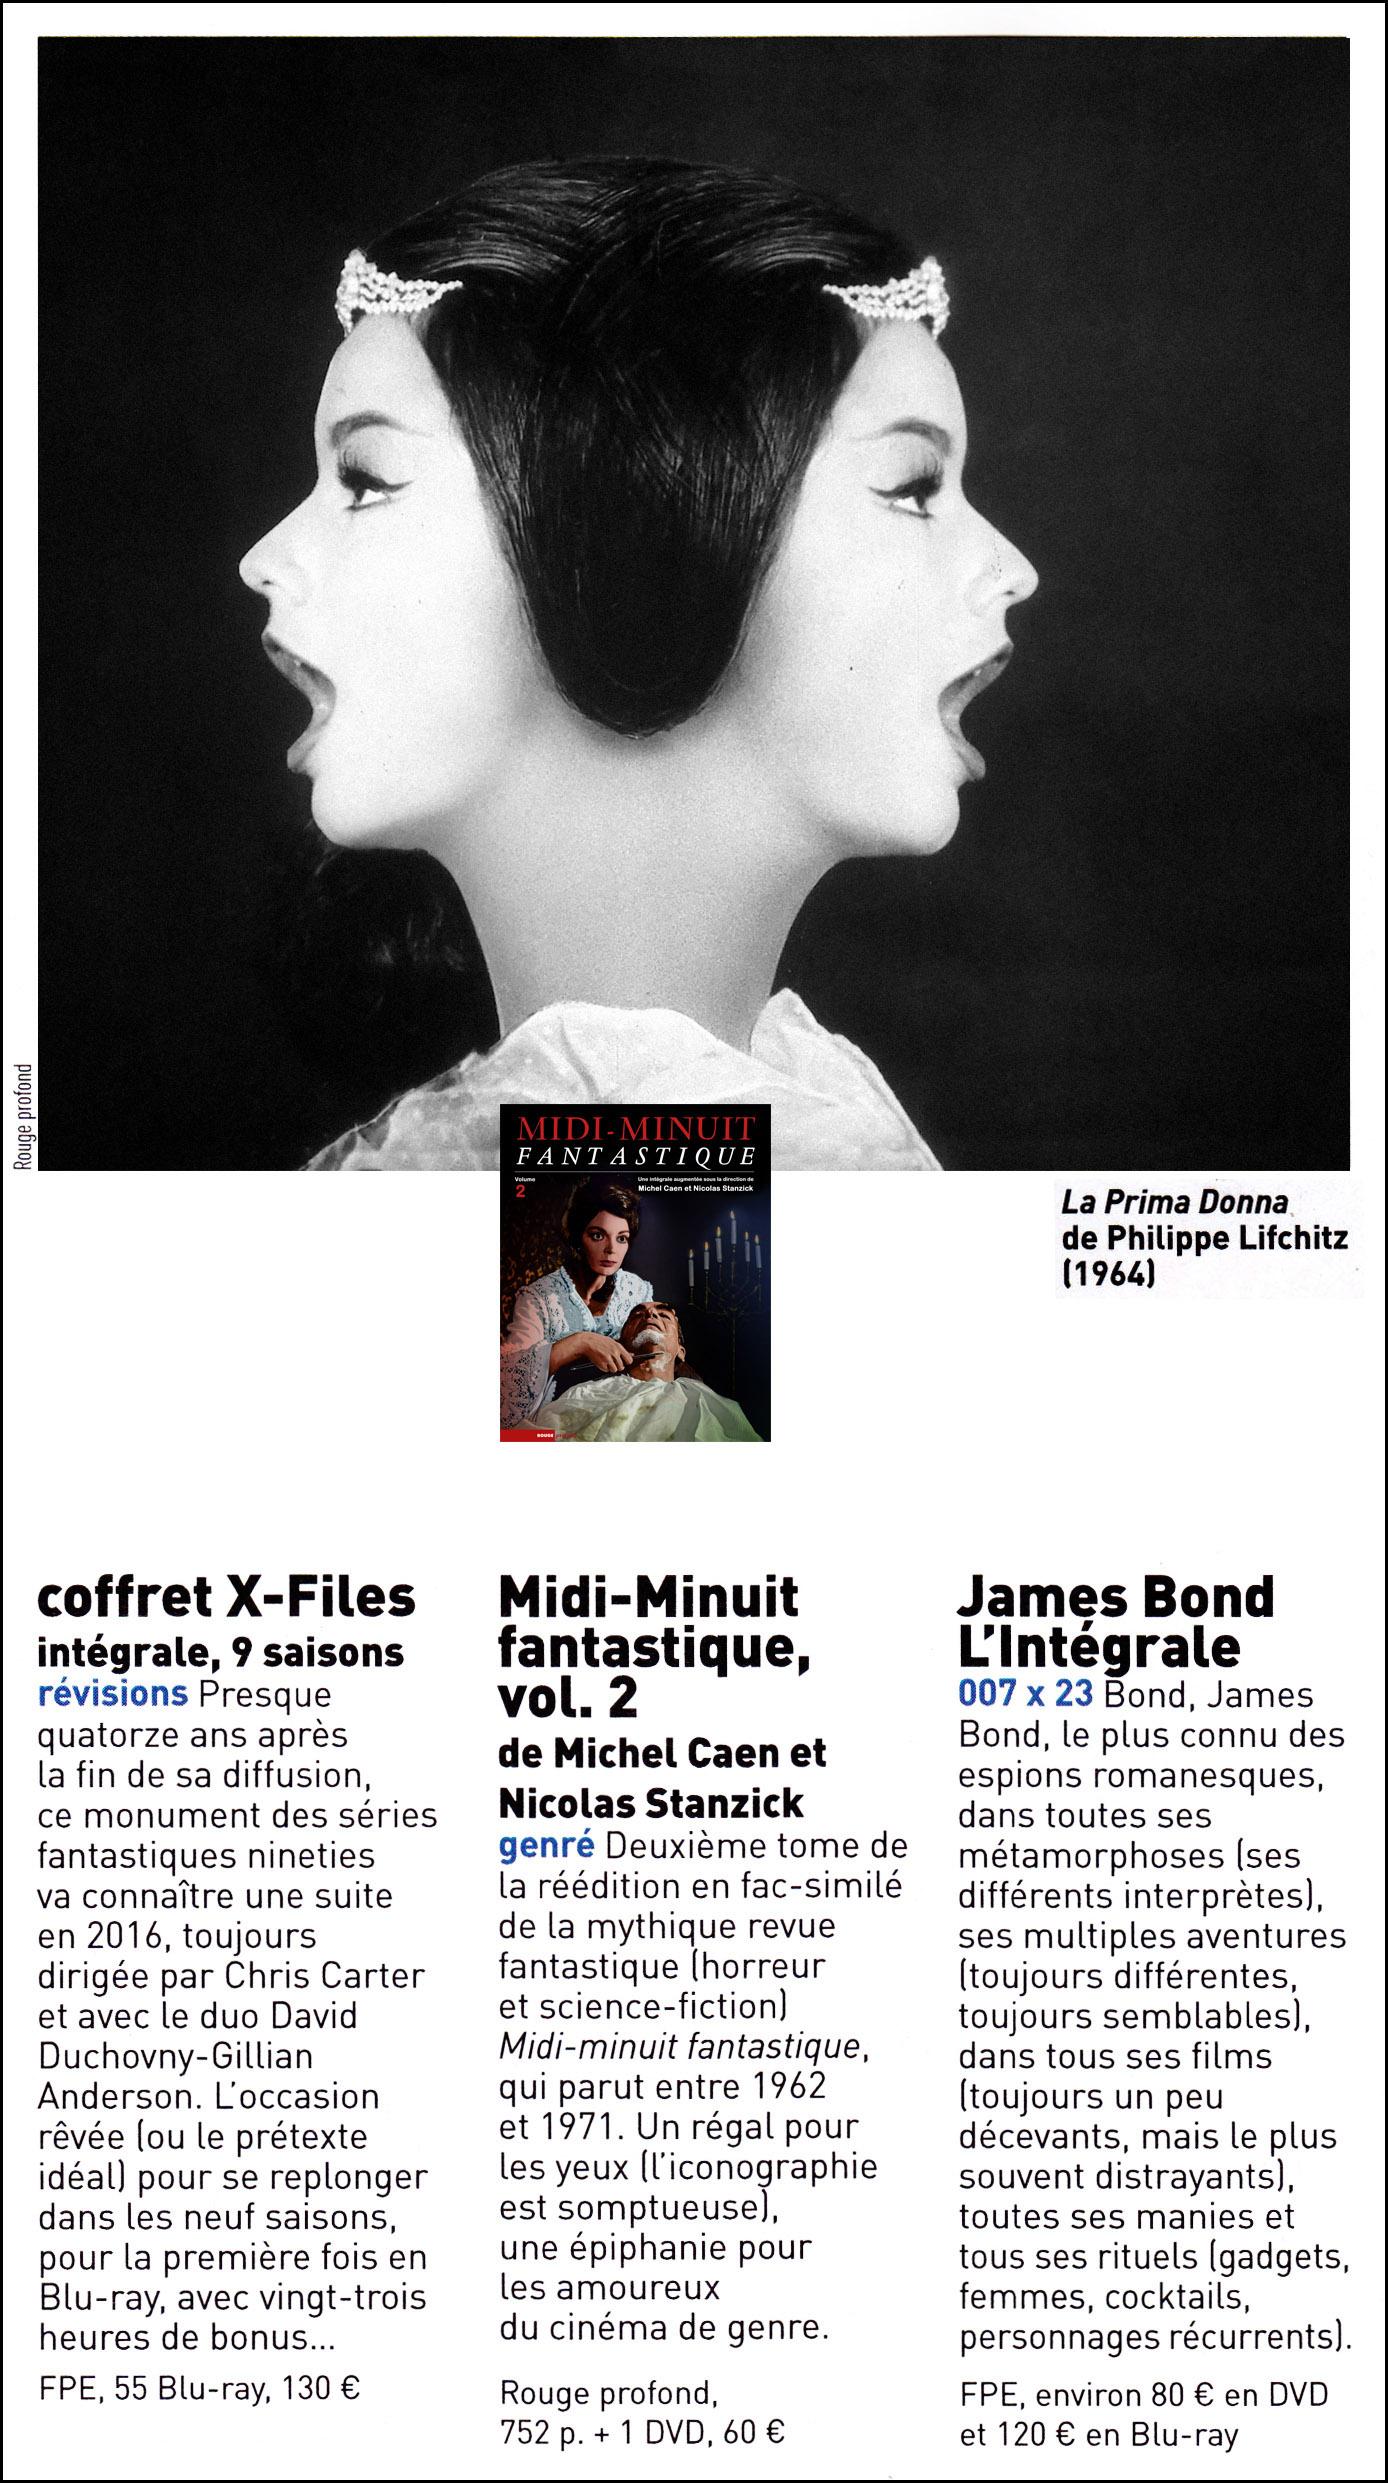 Midi-Minuit Fantastique dans Les Inrockuptibles, le 25 novembre, avec Nicolas Stanzick